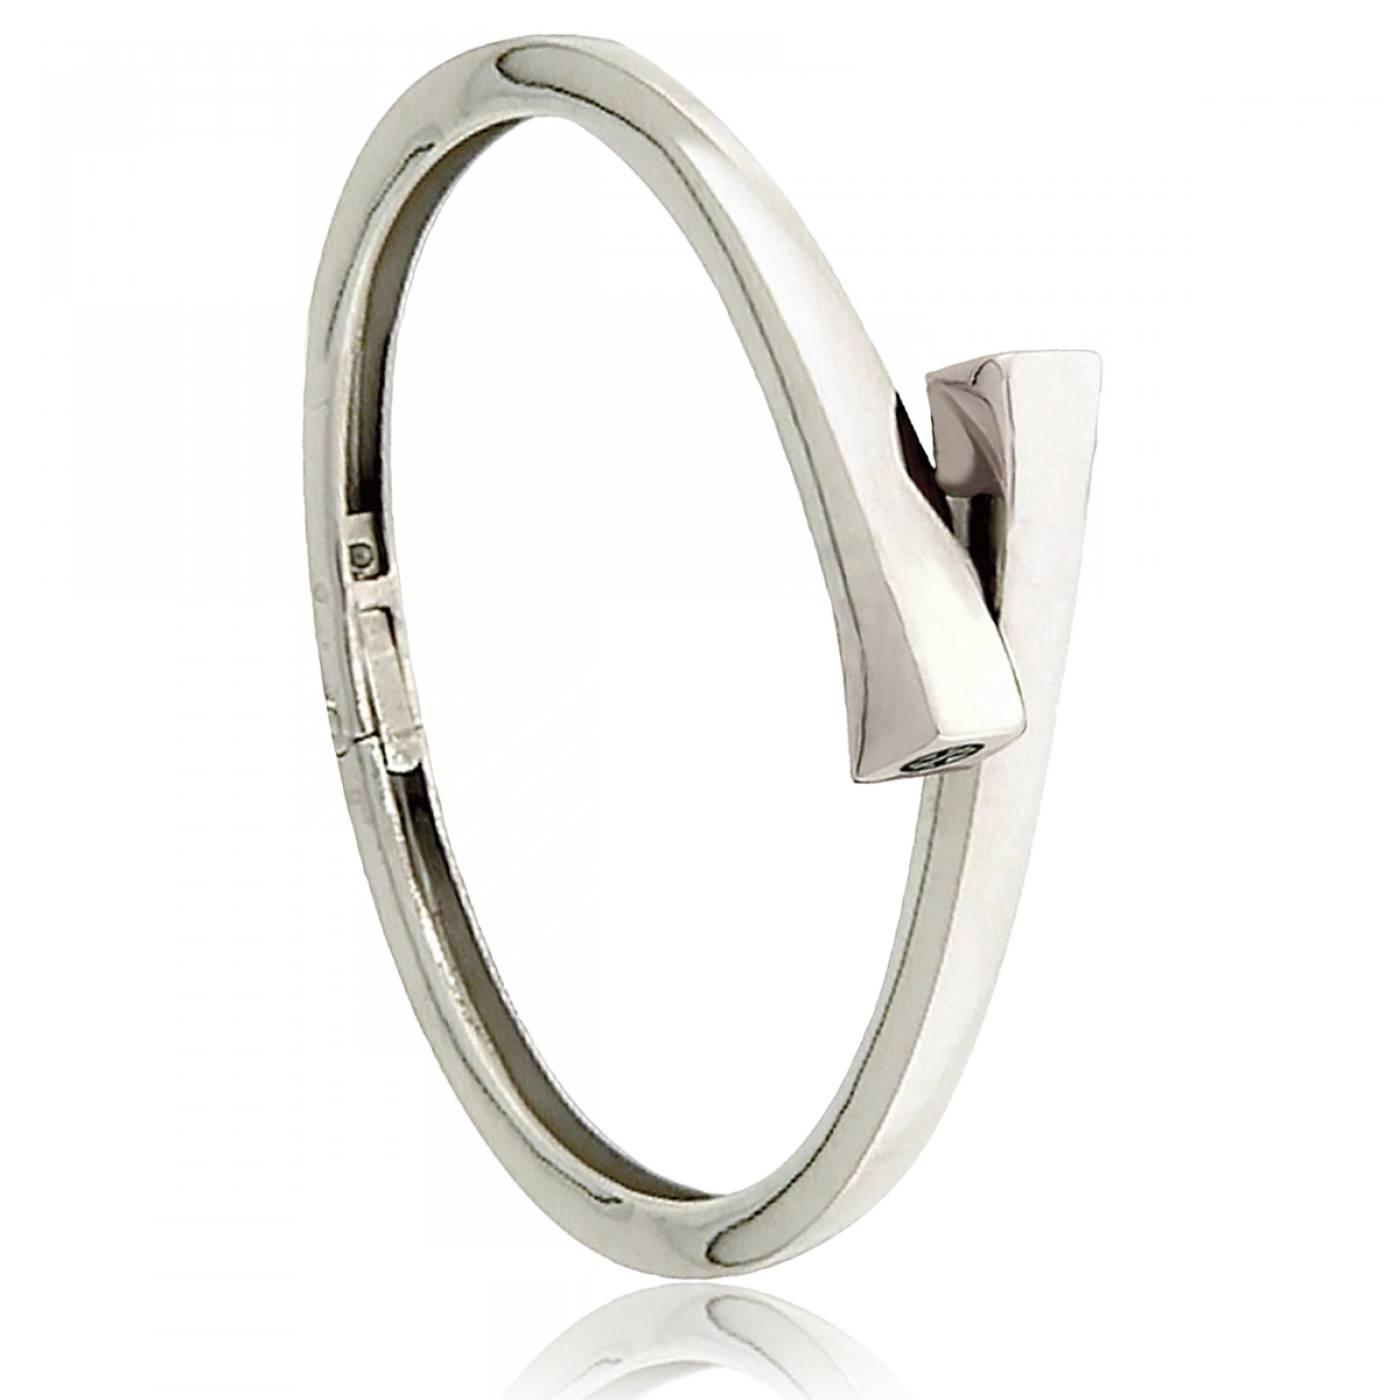 bracelet femme ligne kyoto argent kenzo. Black Bedroom Furniture Sets. Home Design Ideas